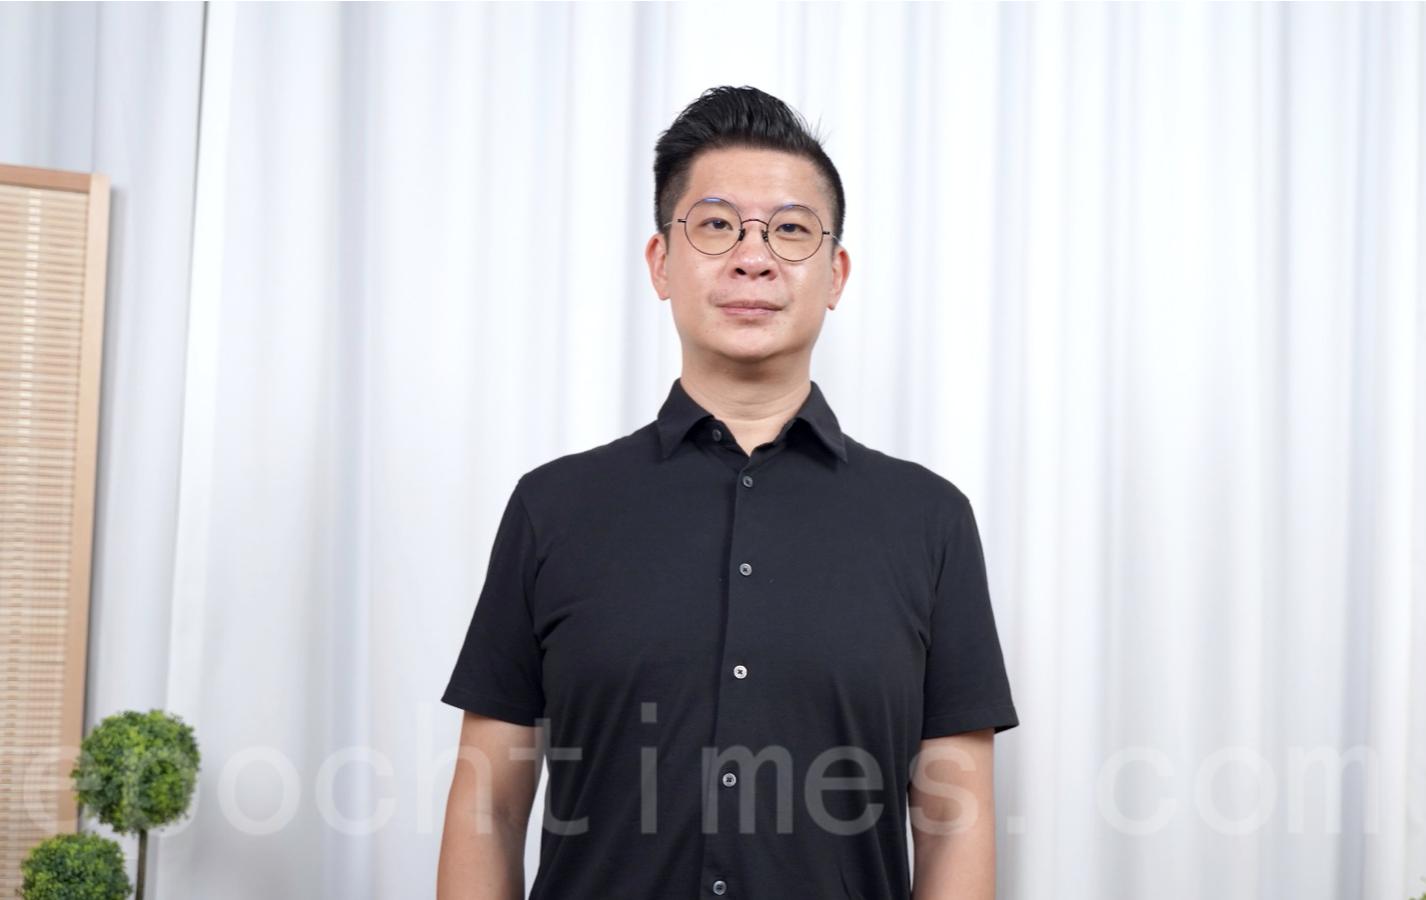 利世民表示,「港版國安法」加劇中美矛盾,引發香港信心危機,亦導致香港金融制度不穩定。(Jack/大紀元)